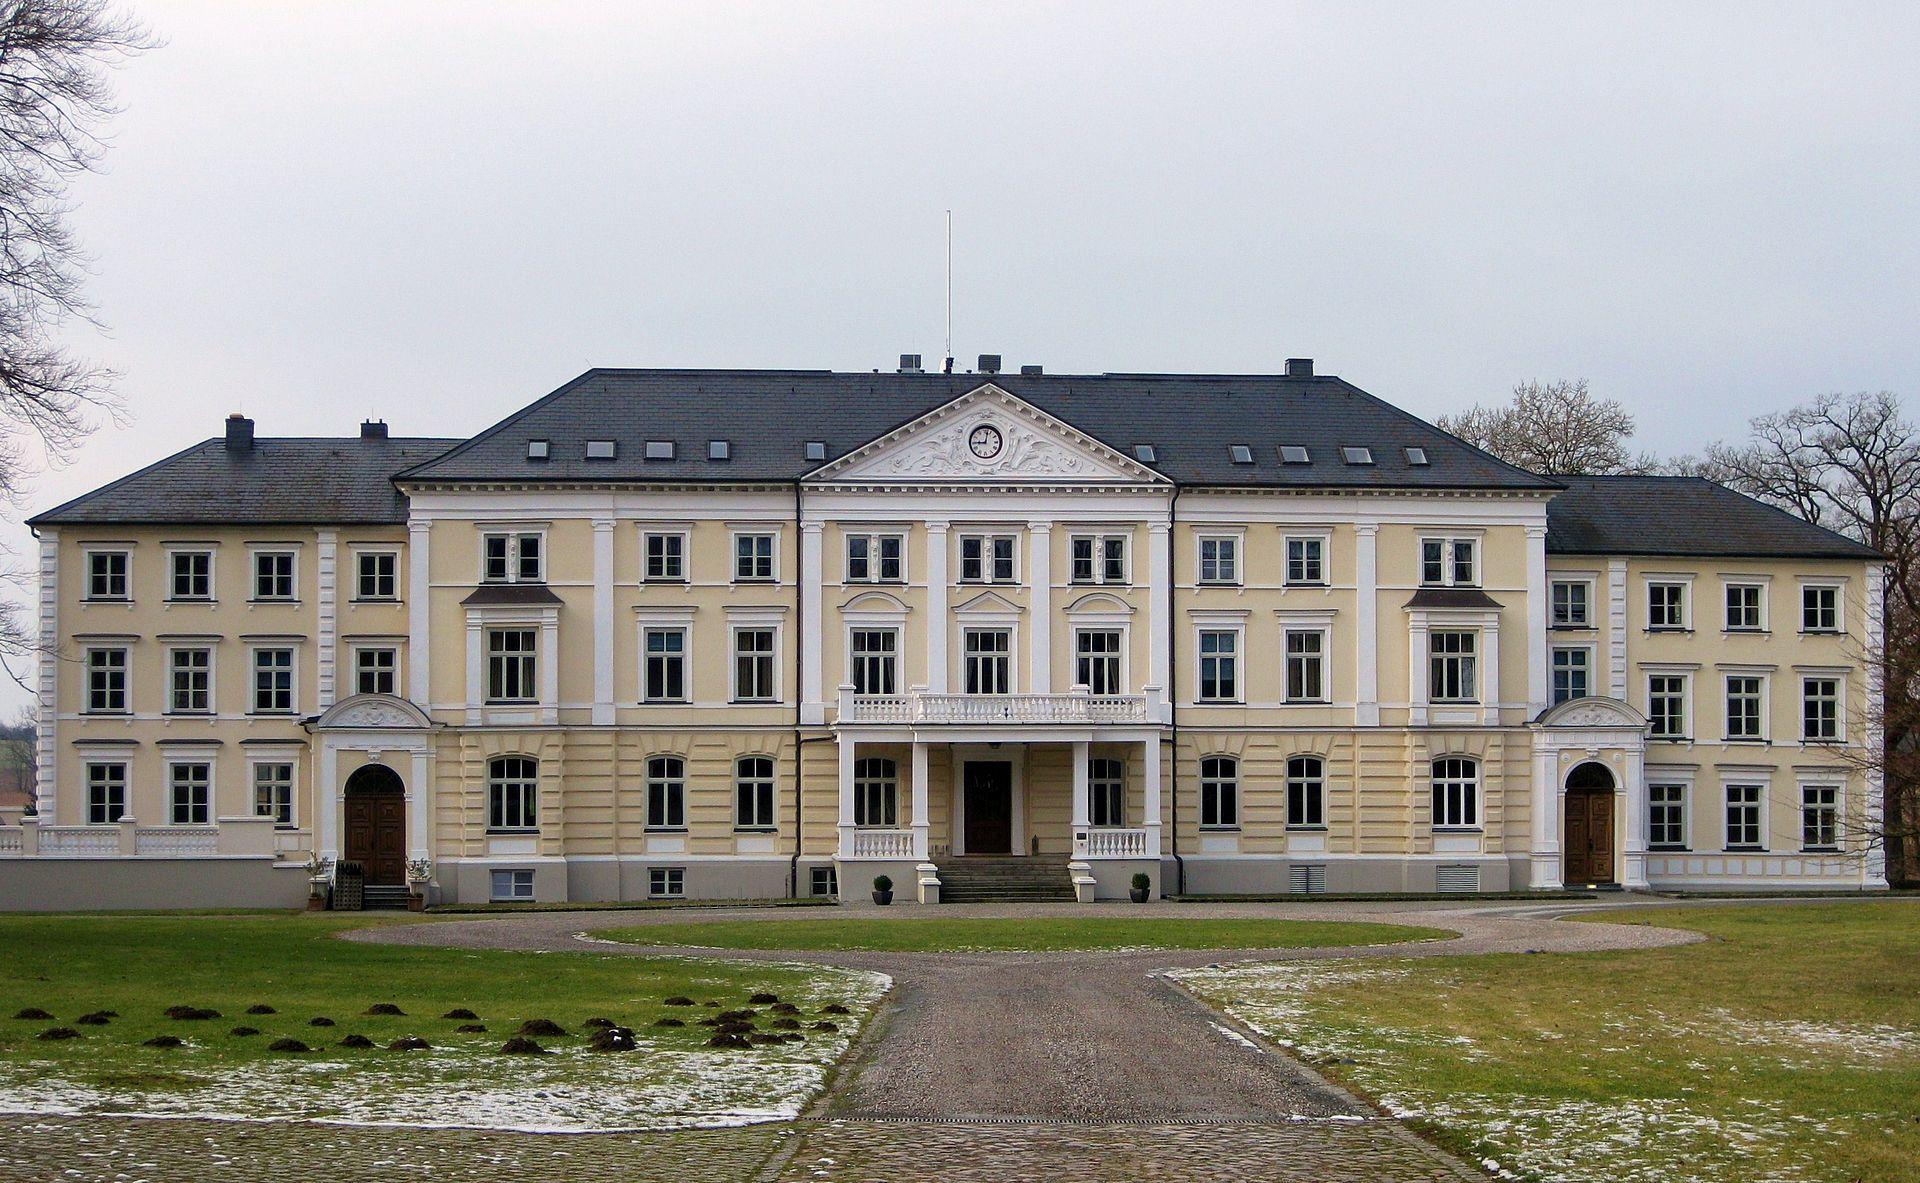 hotel kasteel bloemendal niederlande vaals